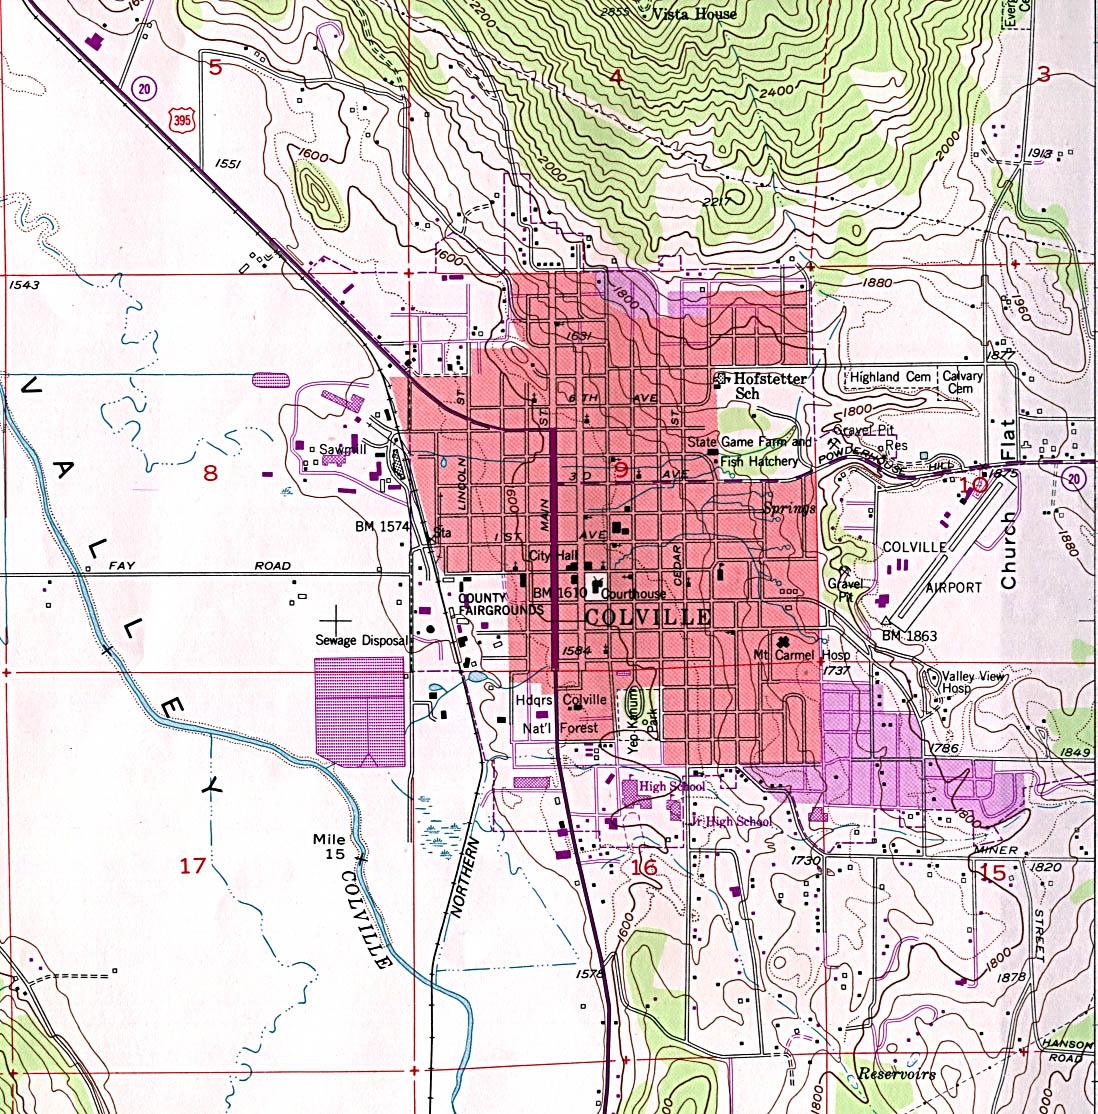 Mapa Topográfico de la Ciudad de Coville, Washington, Estados Unidos